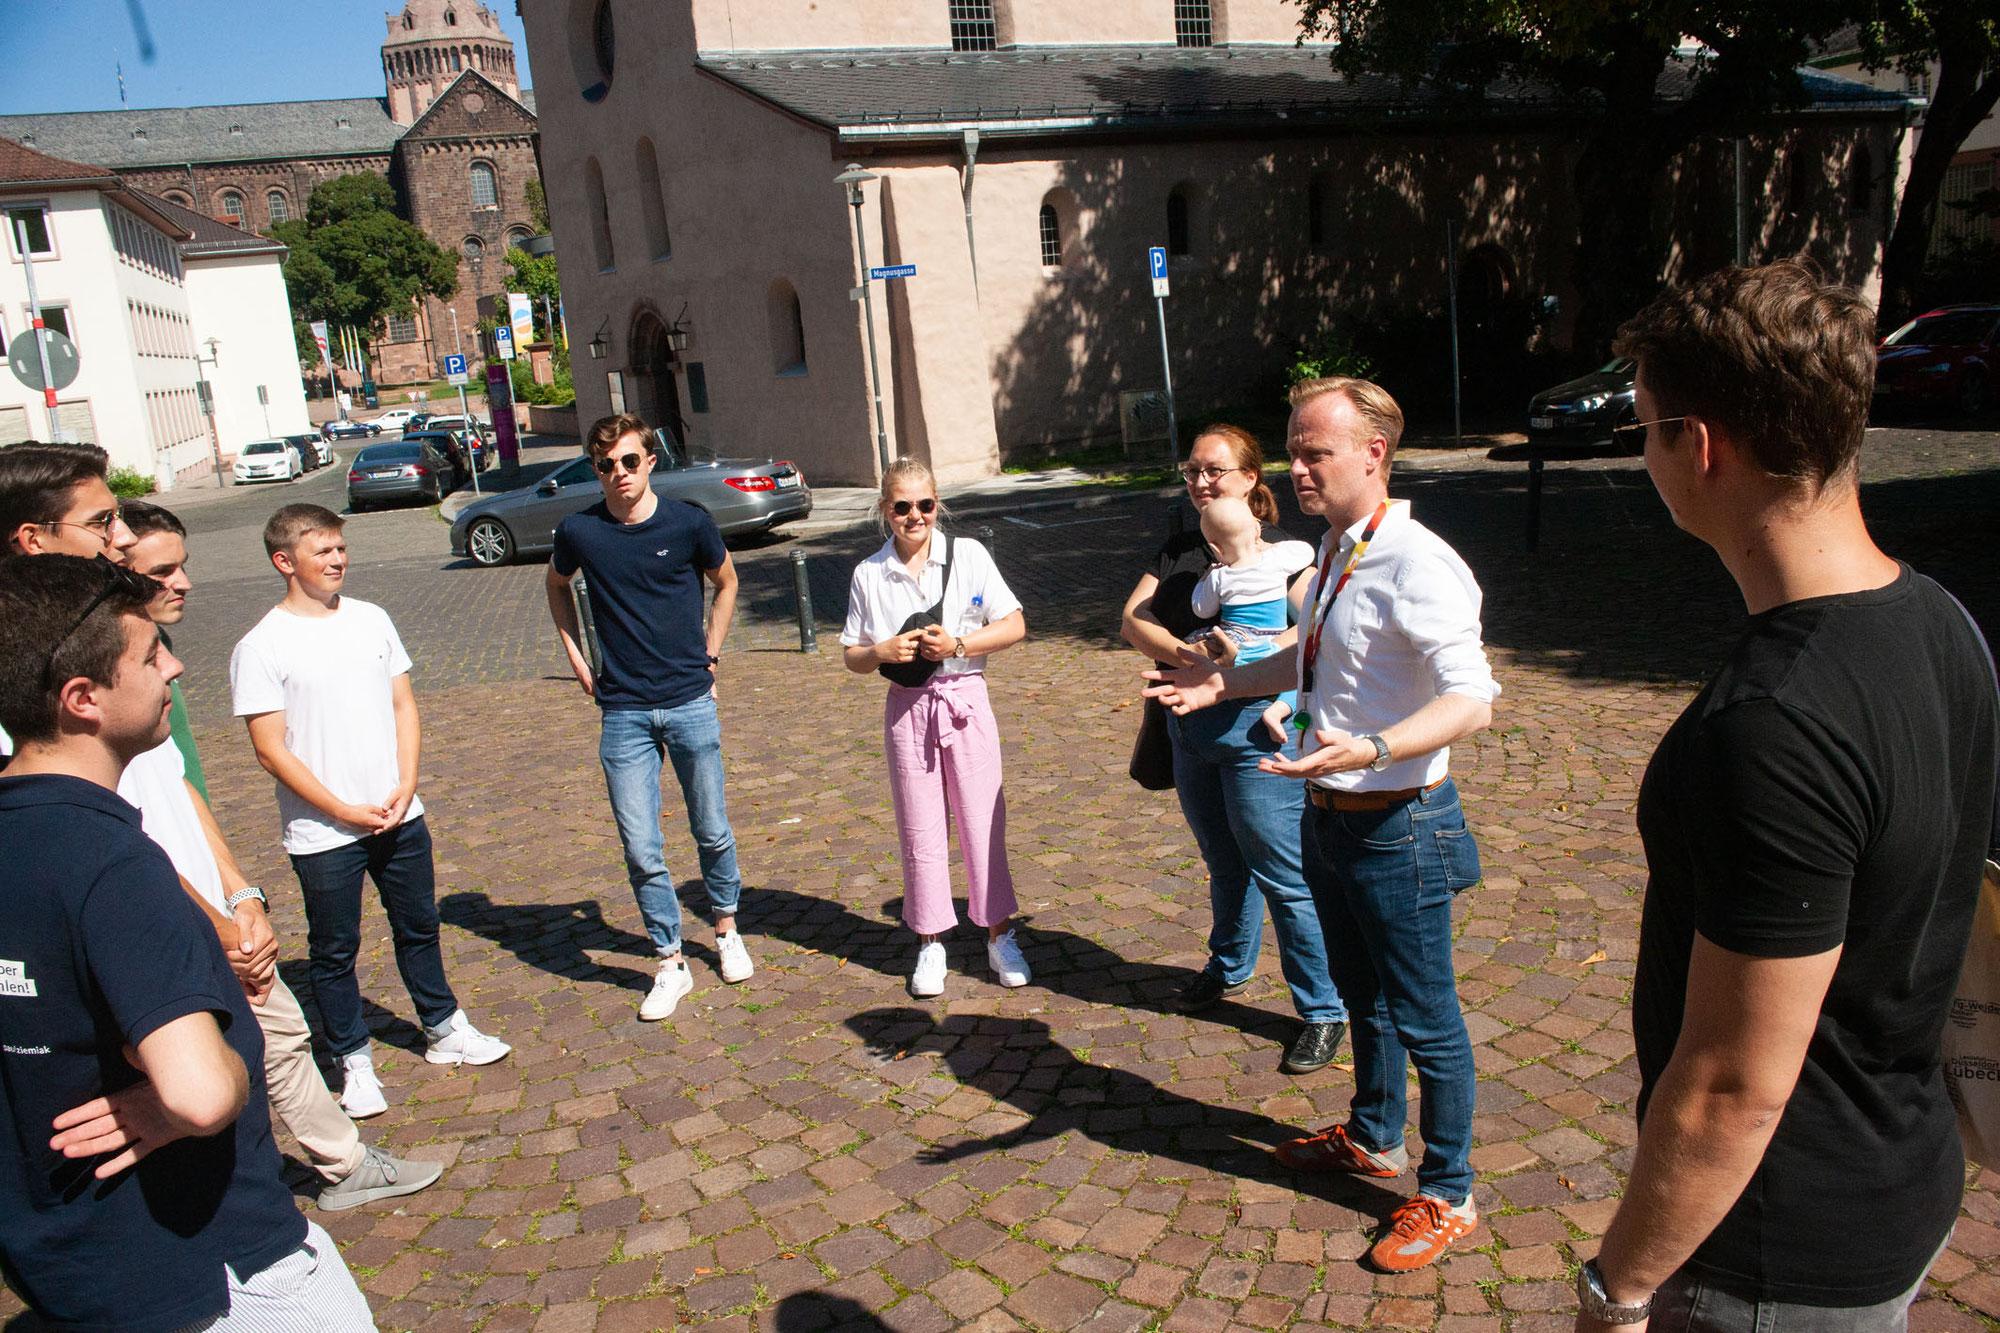 MdB Jan Metzler freut sich über Connect-Gruppe für Wahlkampf-Endspurt - Motiviert bis in die Haarspitzen!